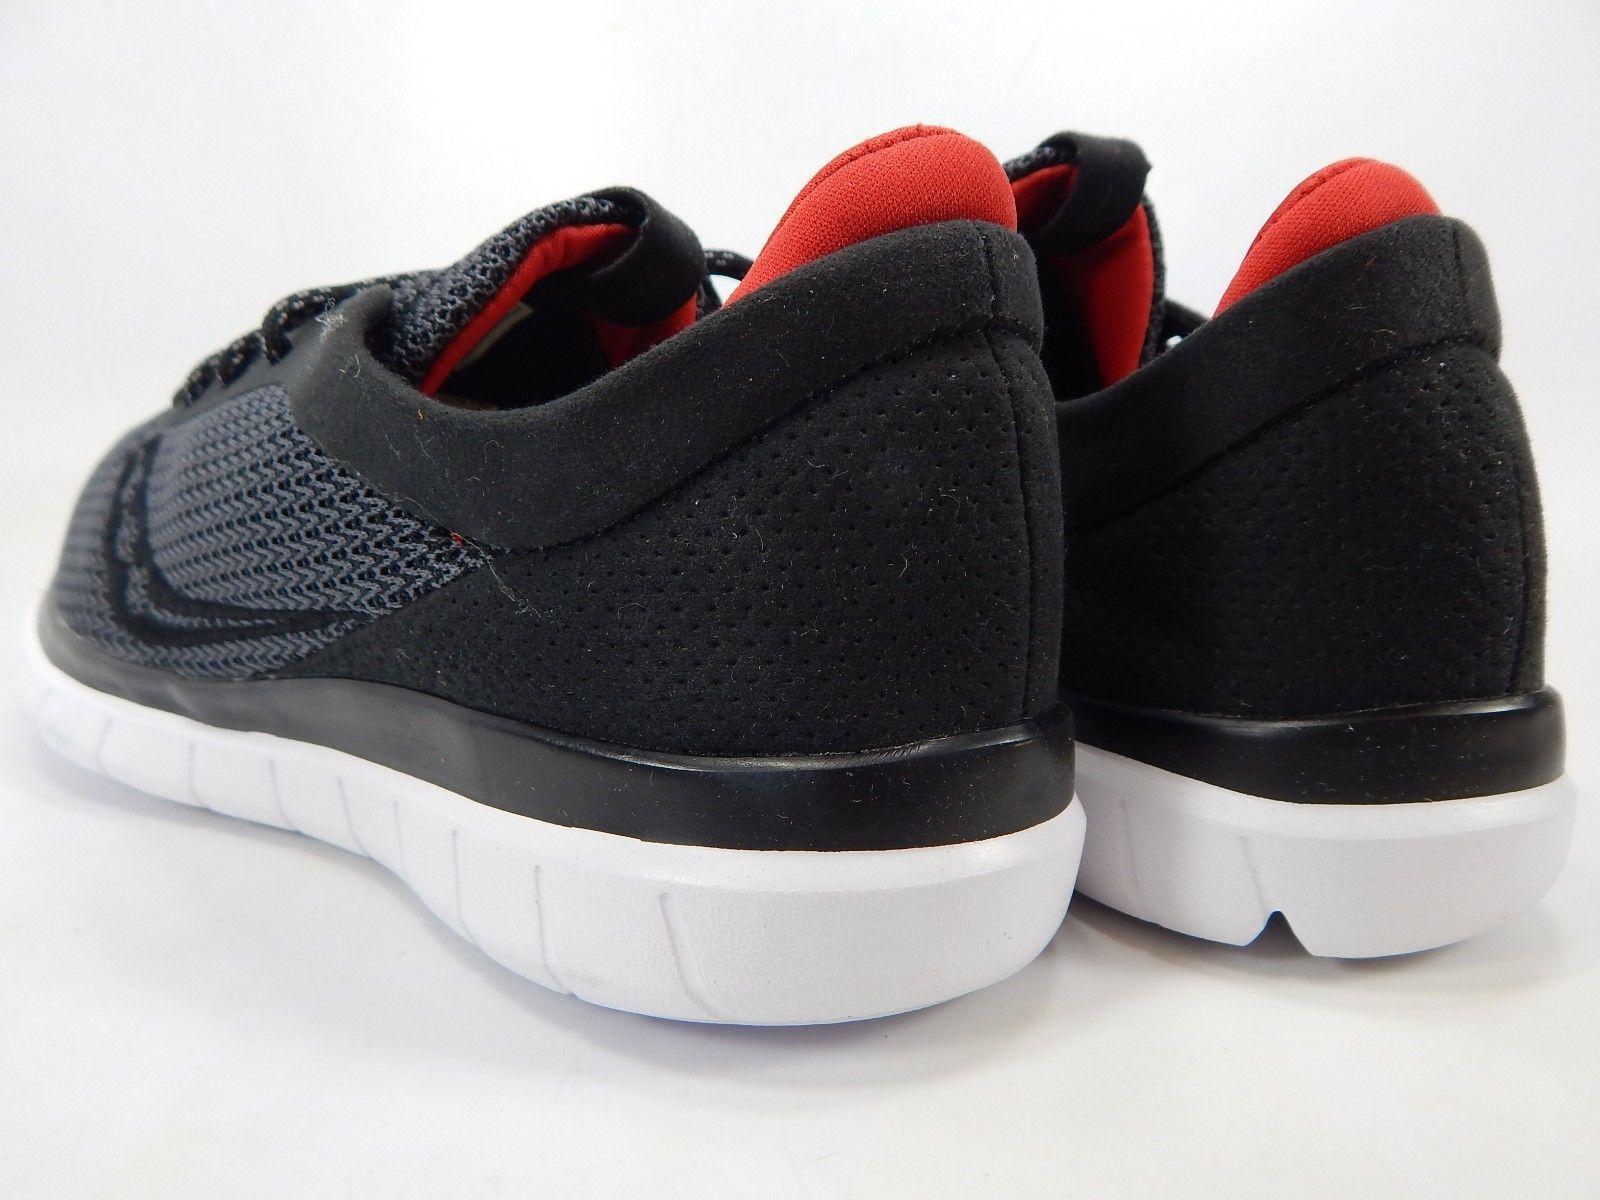 Saucony Liteform Escape Size 9 M (D) EU 42.5 Men's Running Shoes Gray S40018-1